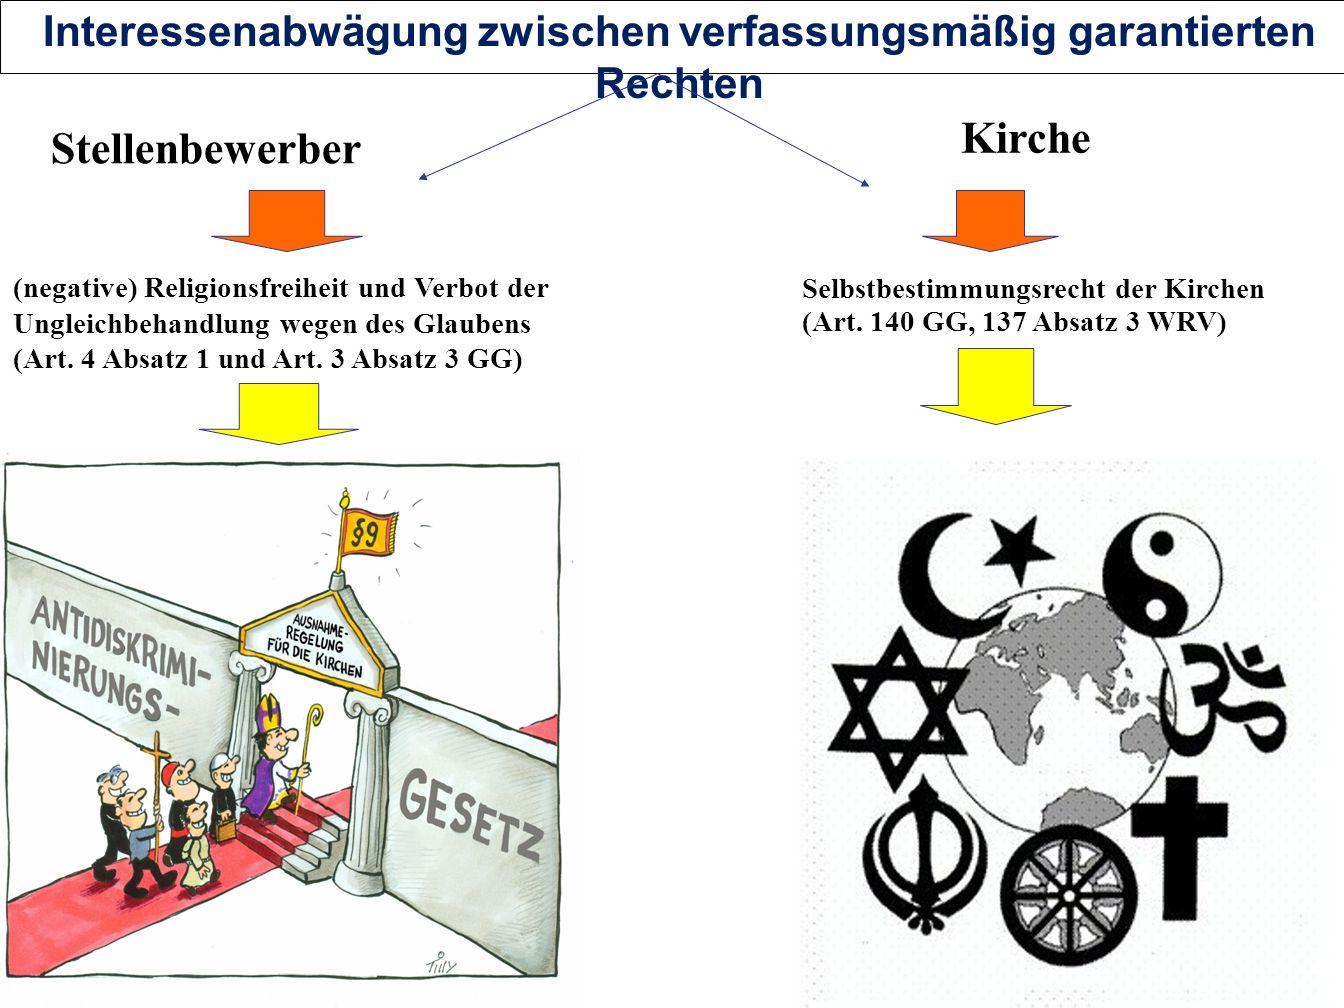 168 Interessenabwägung zwischen verfassungsmäßig garantierten Rechten (negative) Religionsfreiheit und Verbot der Ungleichbehandlung wegen des Glauben